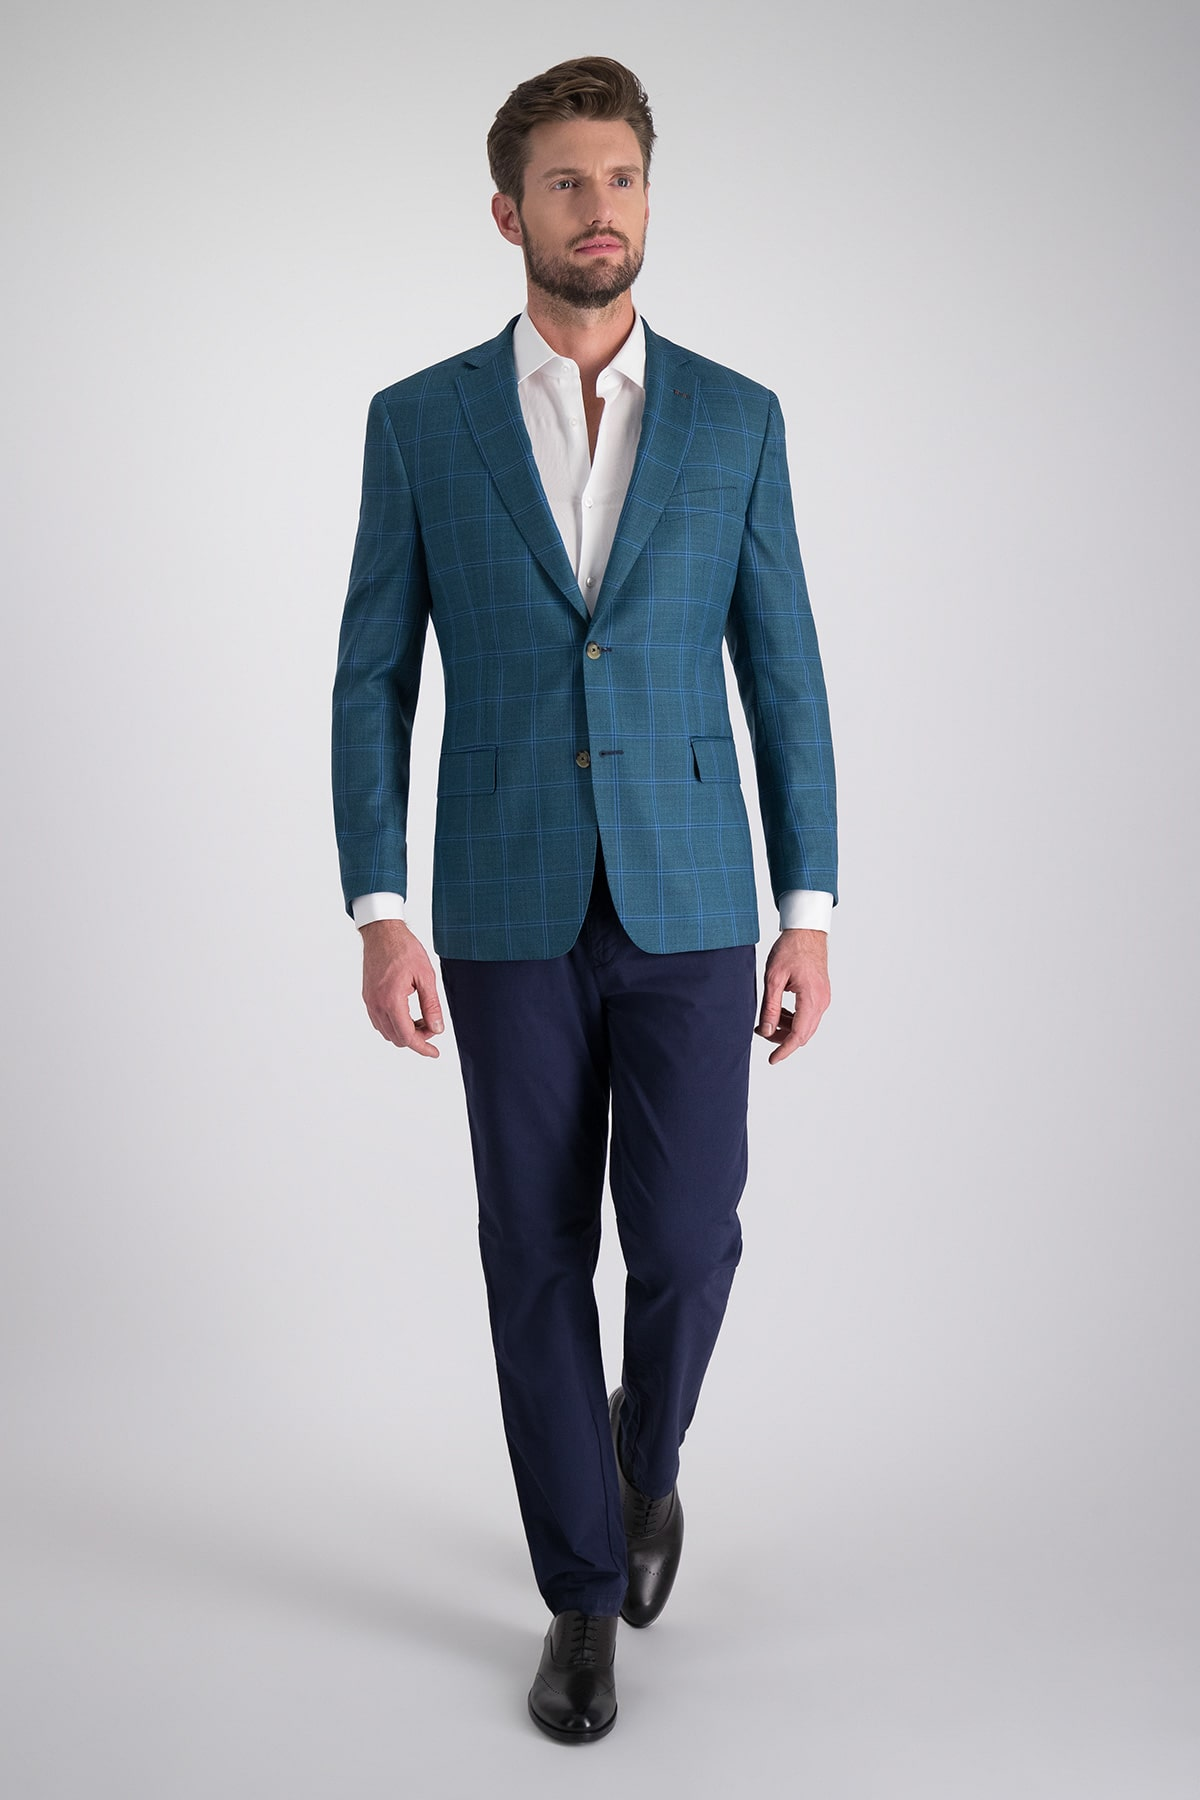 Saco Sport Marca Calderoni Couture con tejido Loro Piana